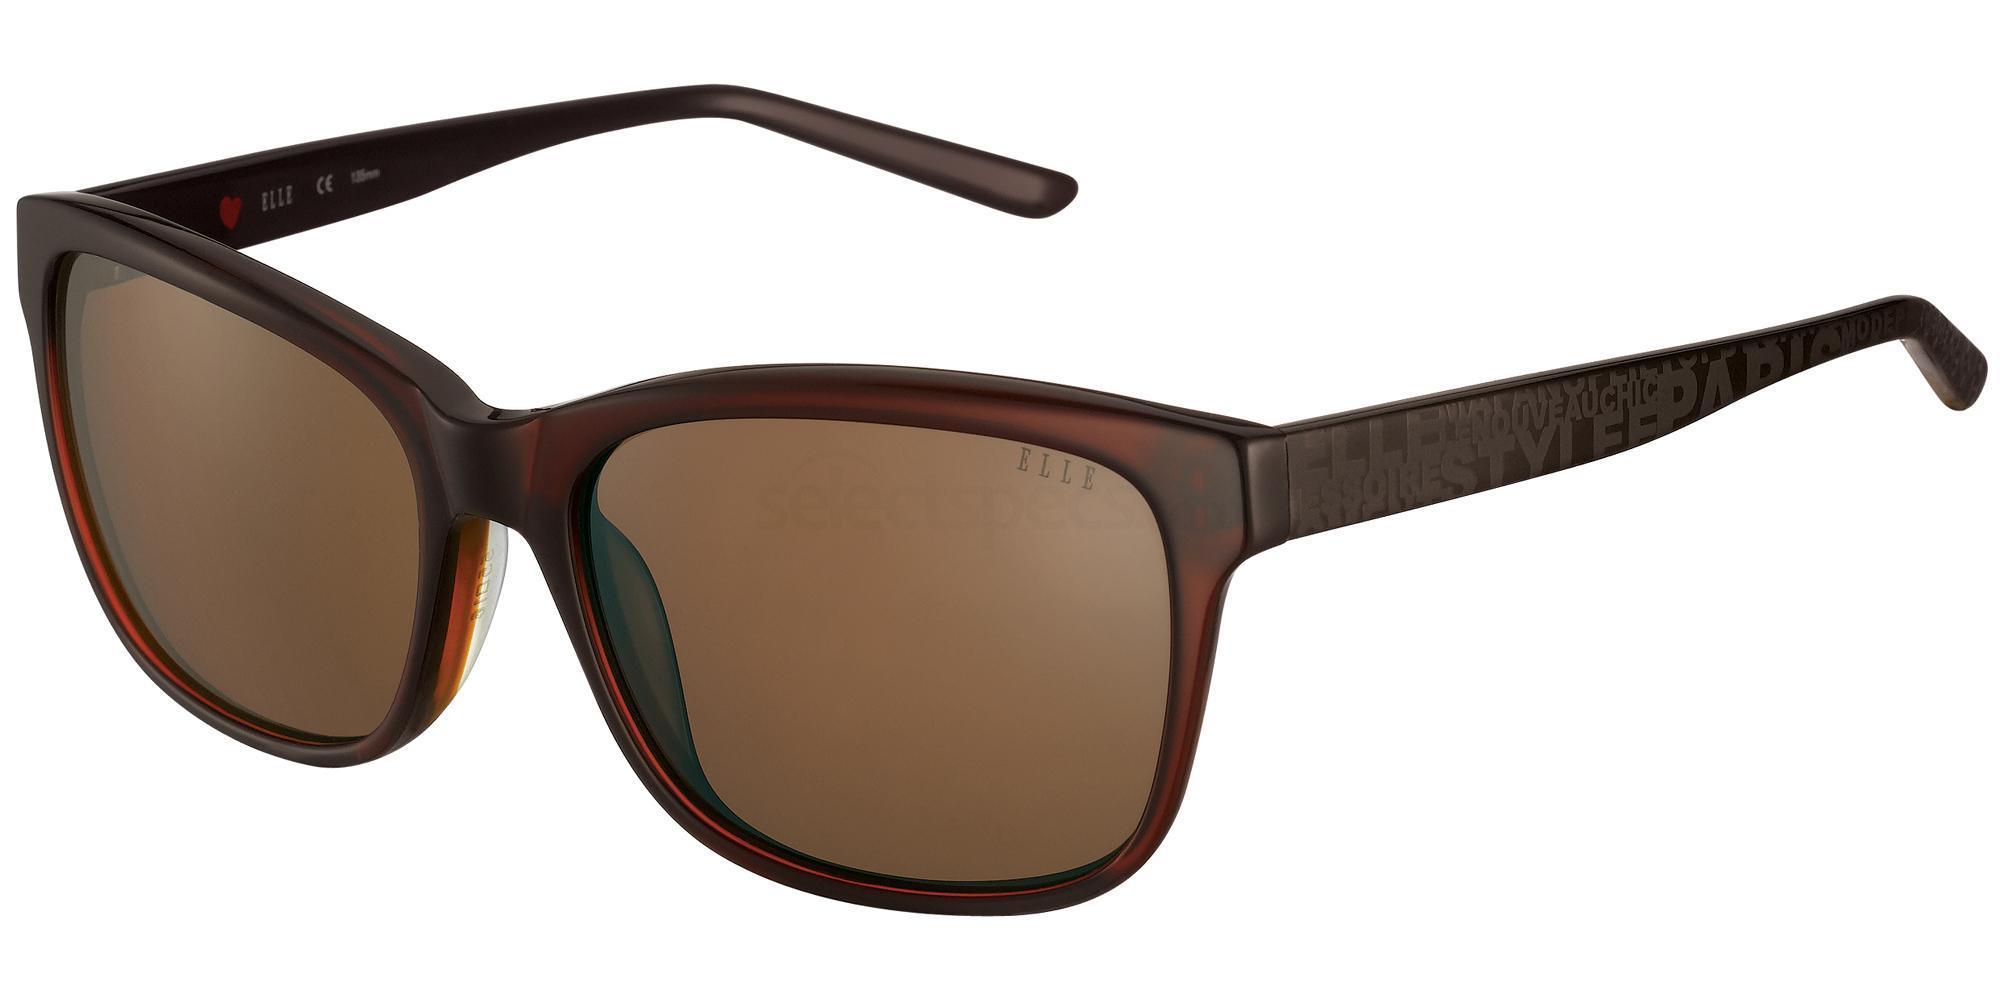 BR EL14817 Sunglasses, ELLE